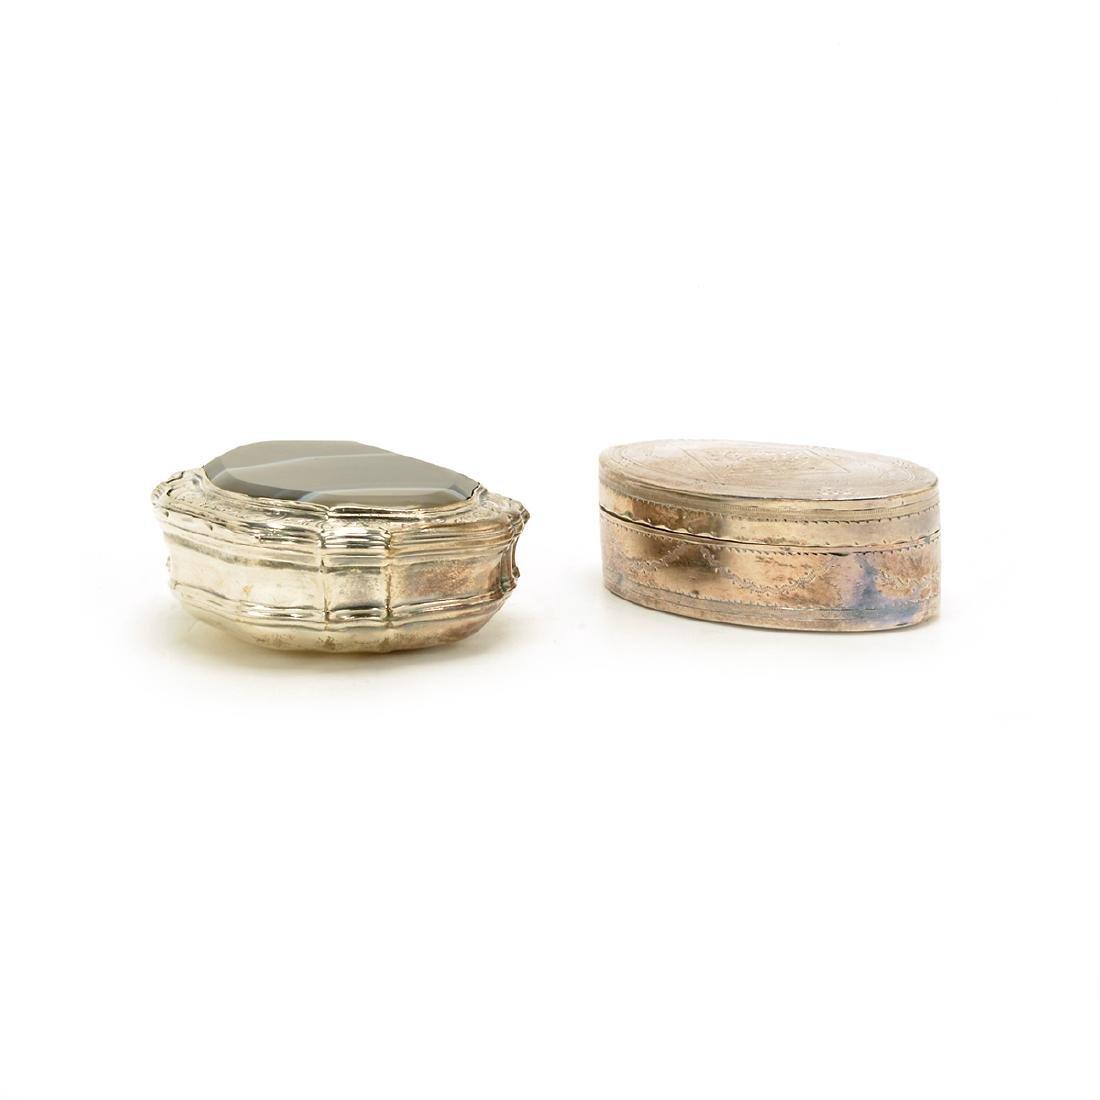 Seven Silver Snuff Boxes and Cigarette Cases - 6